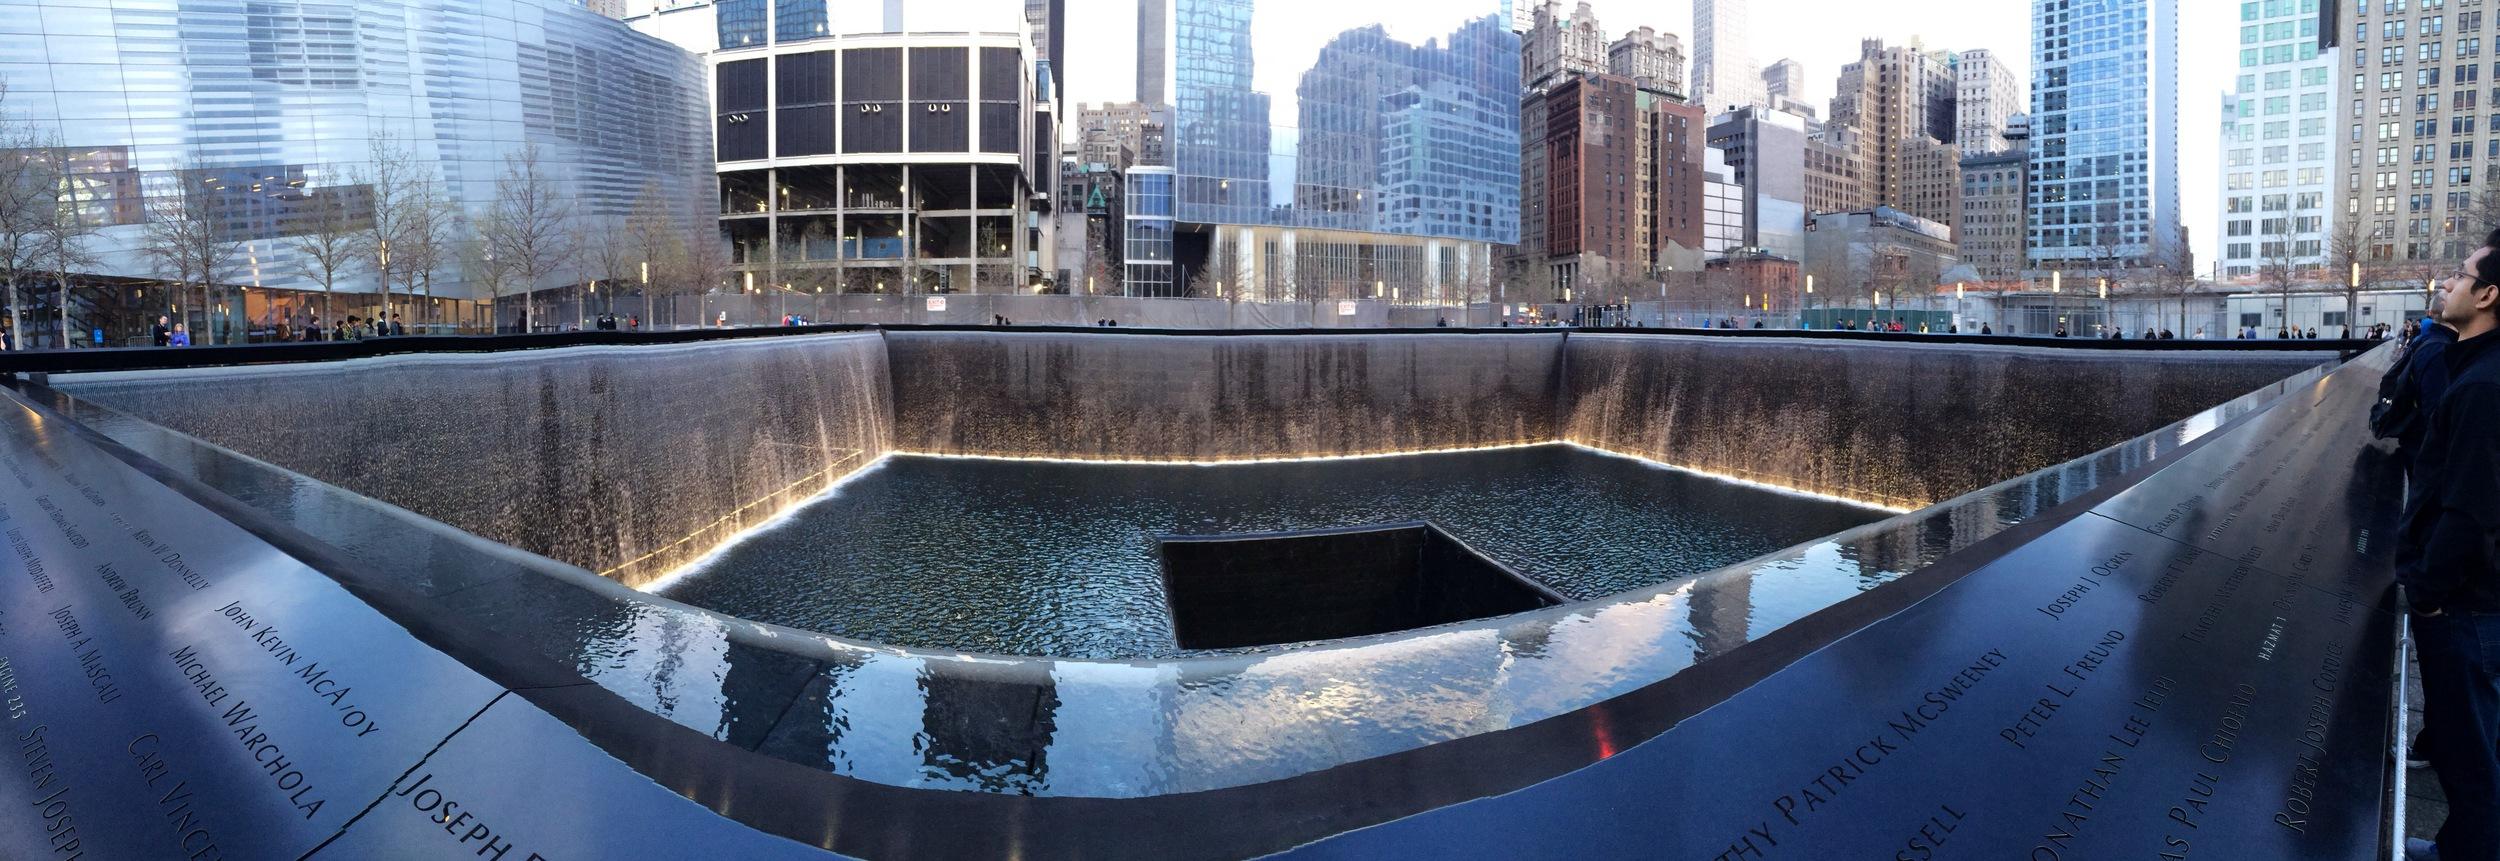 9/11 Memorial Panoramic Shot